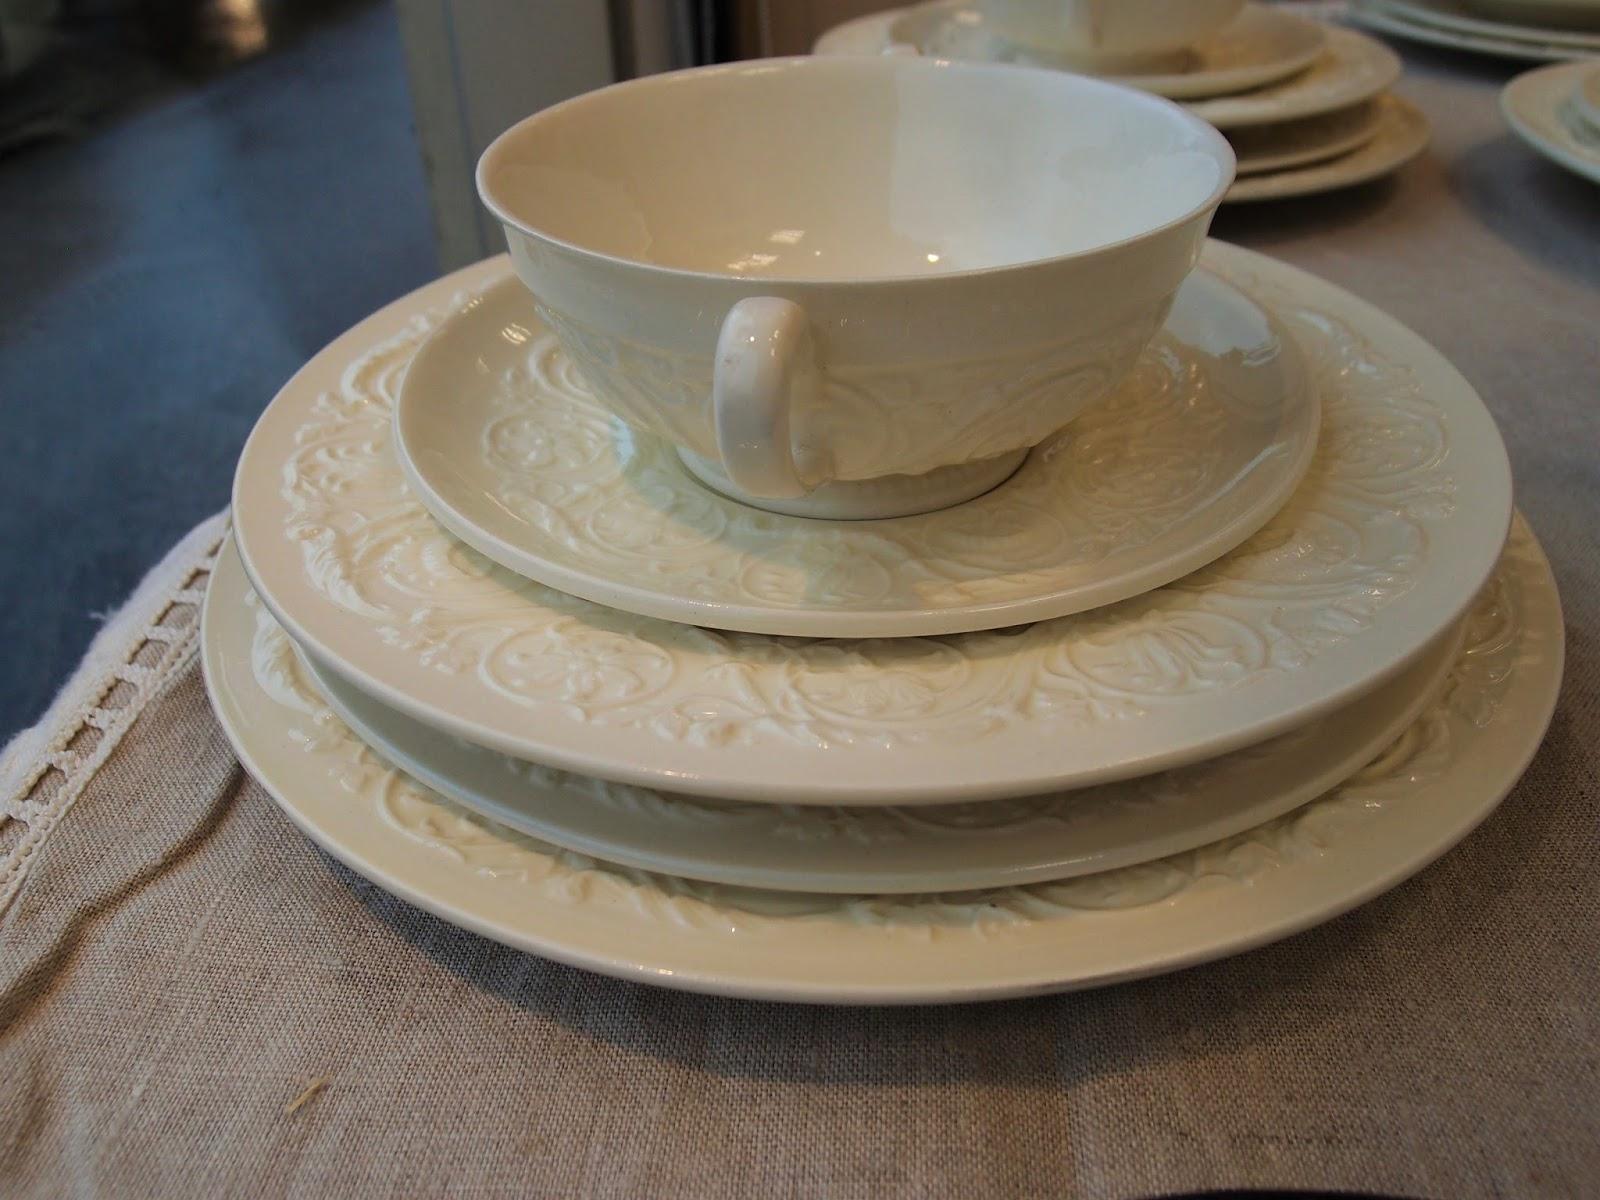 Servizi da tavola antichi porcellane inglesi antiche - Piatti da portata particolari ...